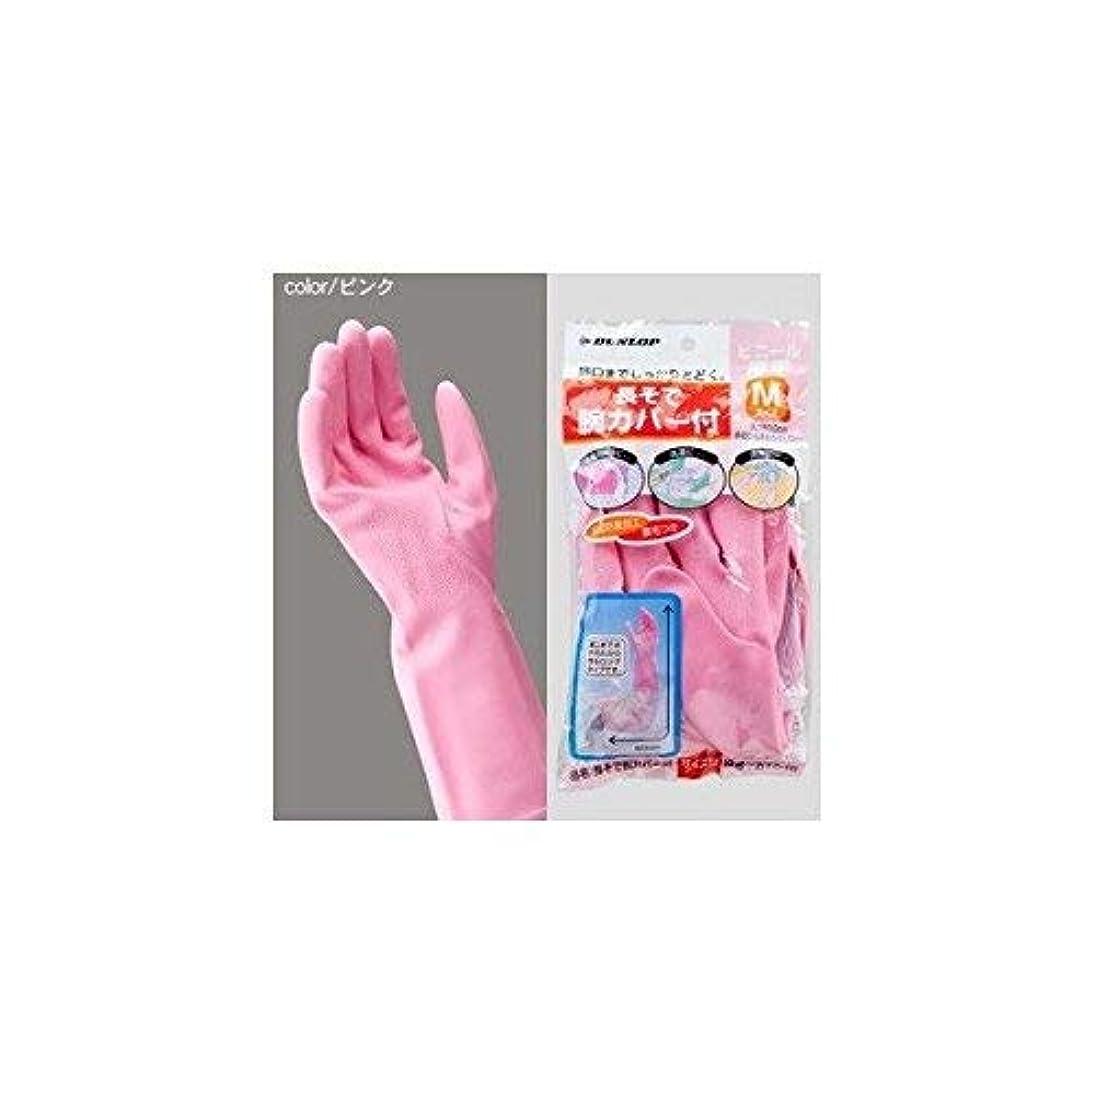 好きはいリボンダンロップ ビニール手袋 厚手腕カバー付 M ピンク ×30個